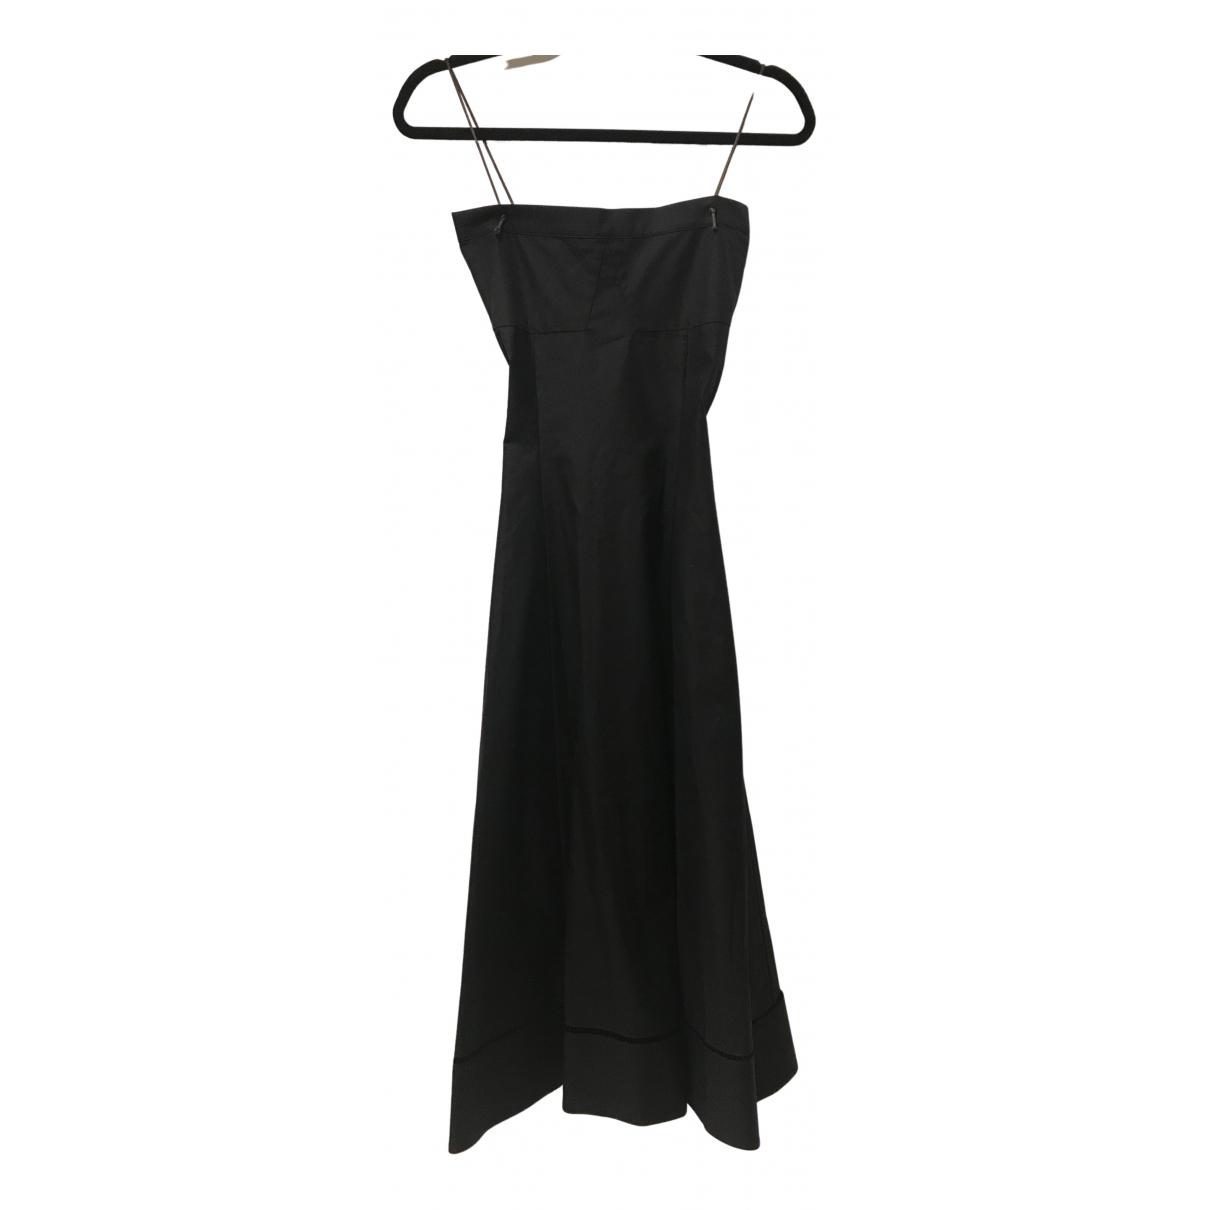 Khaite \N Kleid in  Schwarz Baumwolle